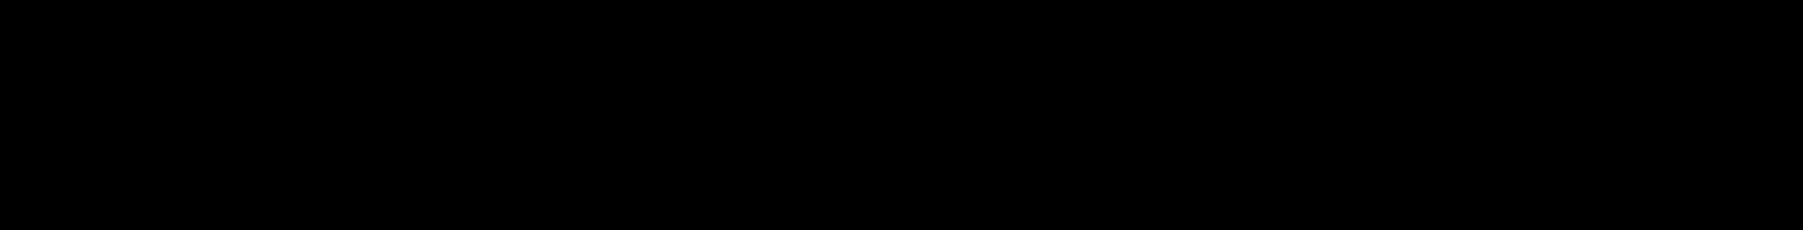 かんな農園SNS 沖縄のフルーツ通販は沖縄マンゴー!御中元お中元に最適、最高の果物くだもののフルーツ通販はかんな農園へ!沖縄ゴーヤーもやってます!かんな農園の沖縄マンゴーフルーツ通販プレゼント贈り物お中元